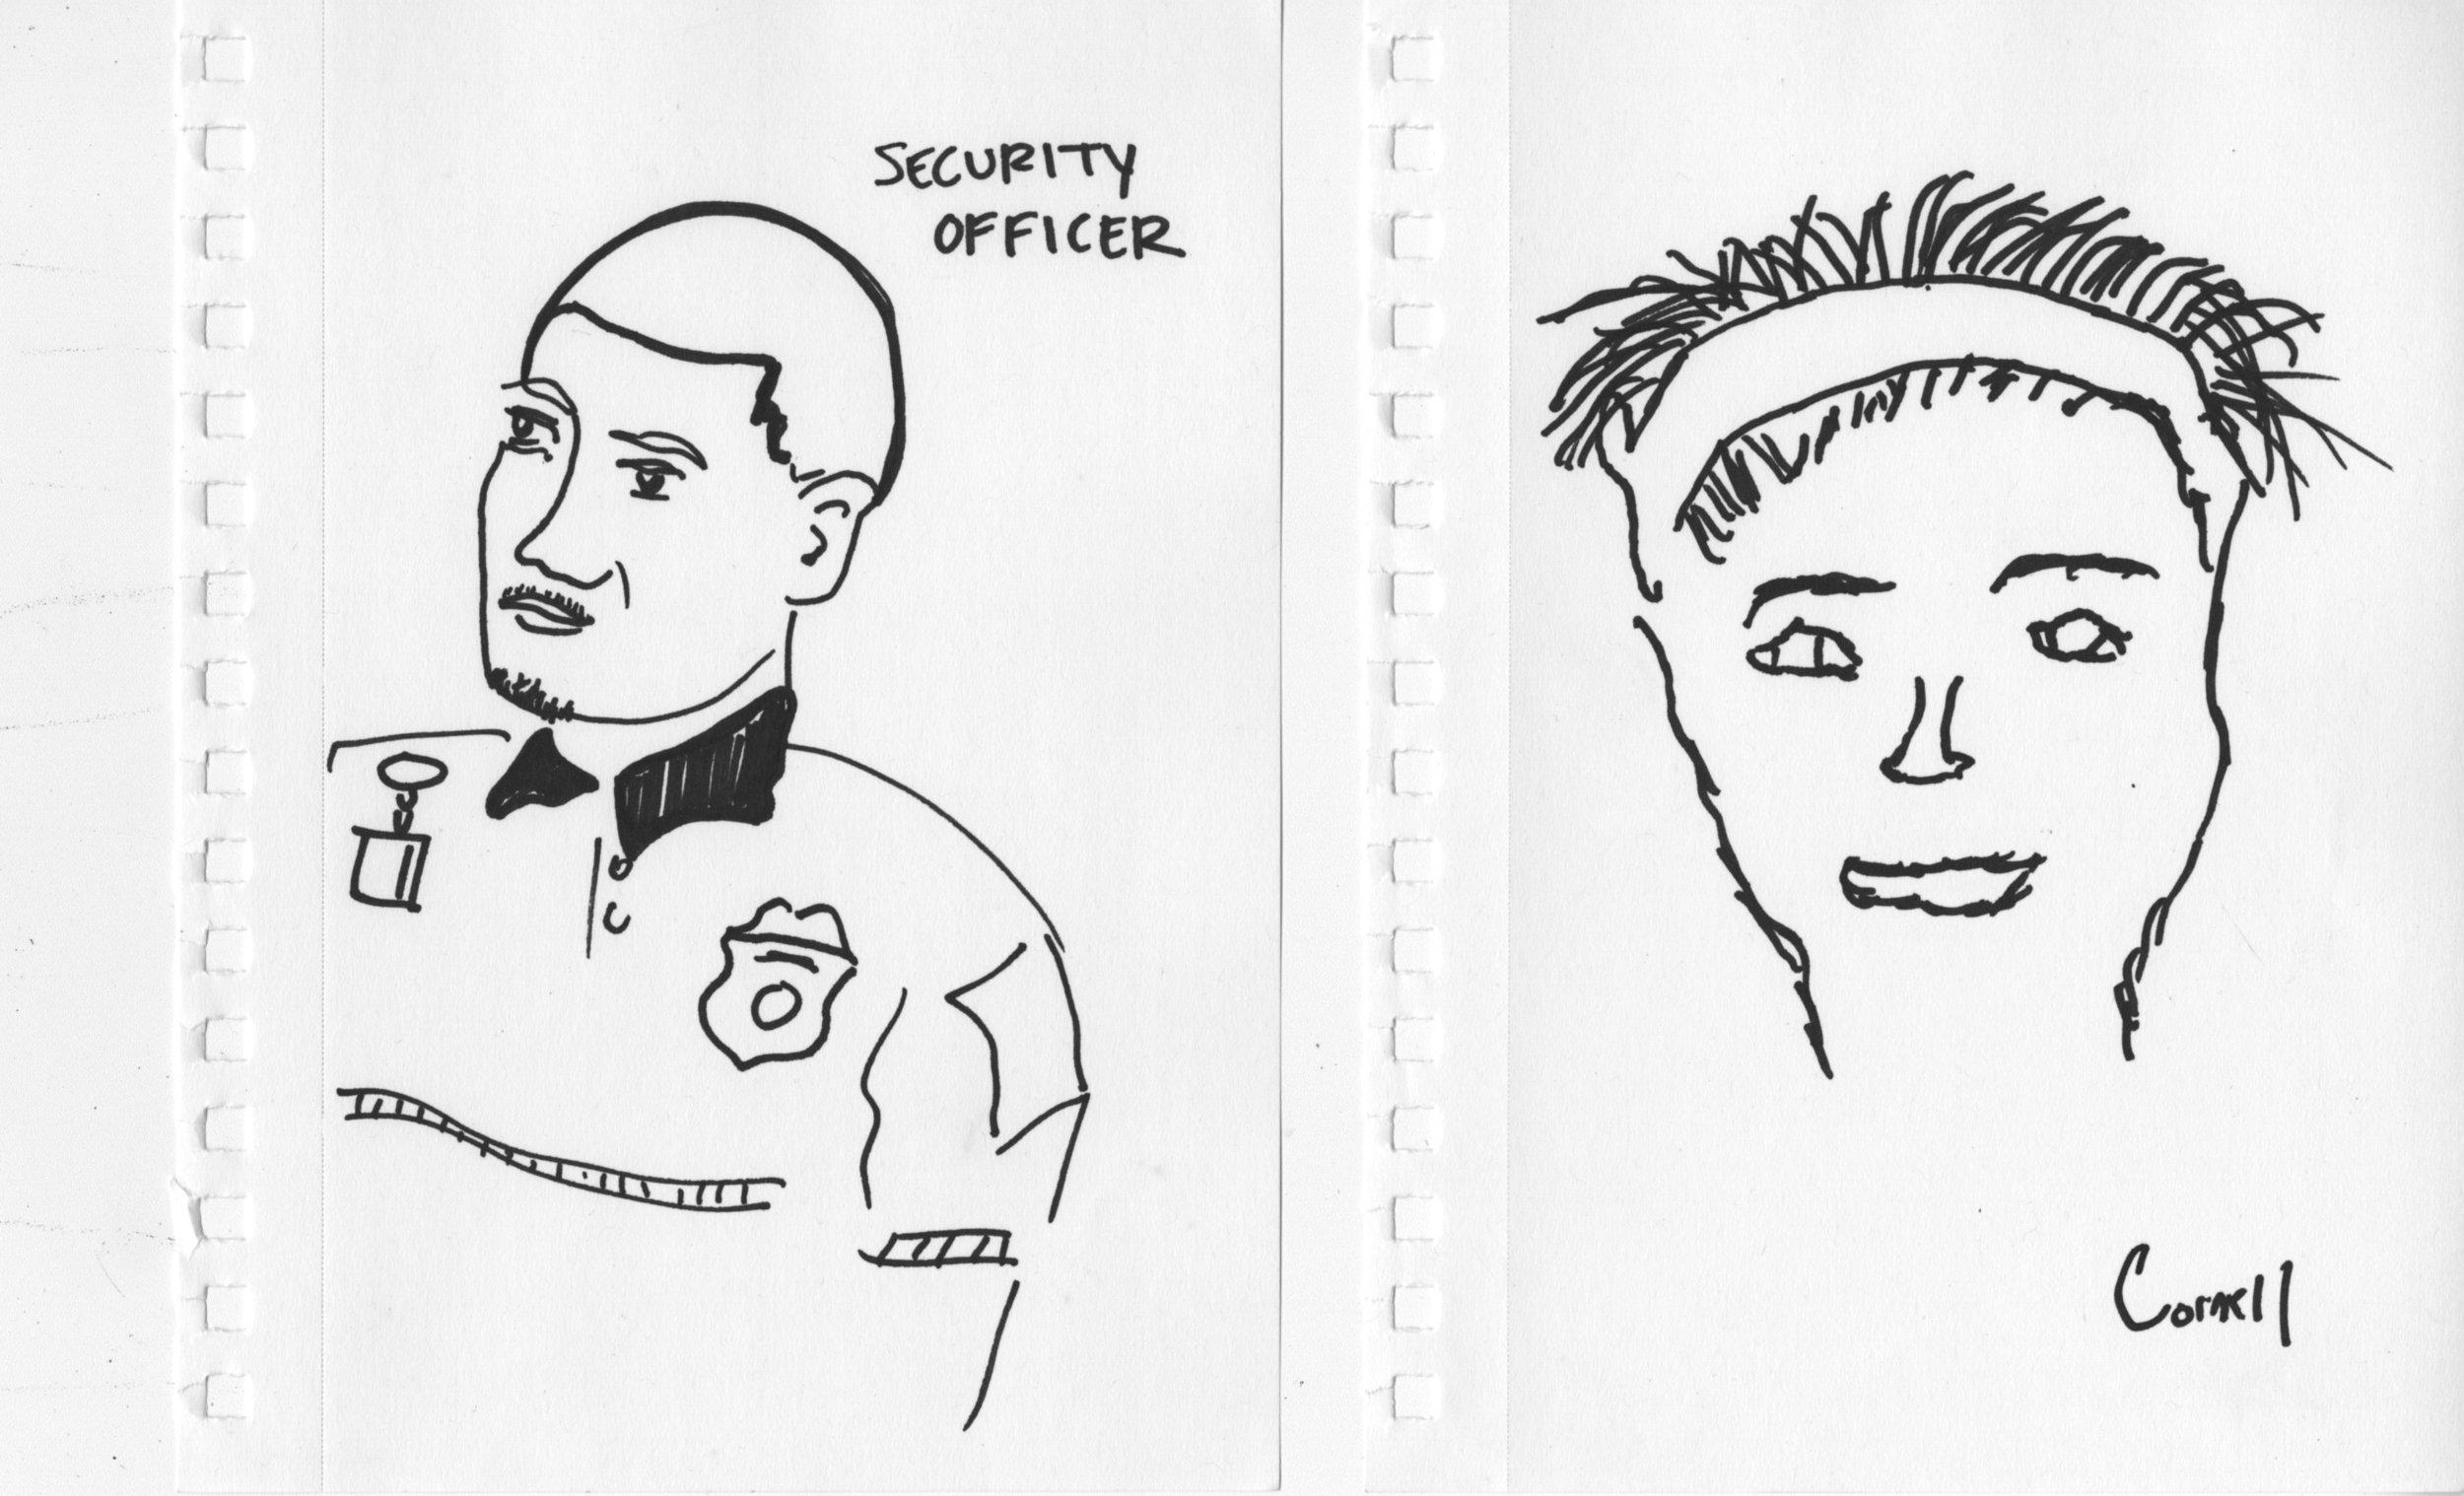 61_Cornell_Security Officer.jpg